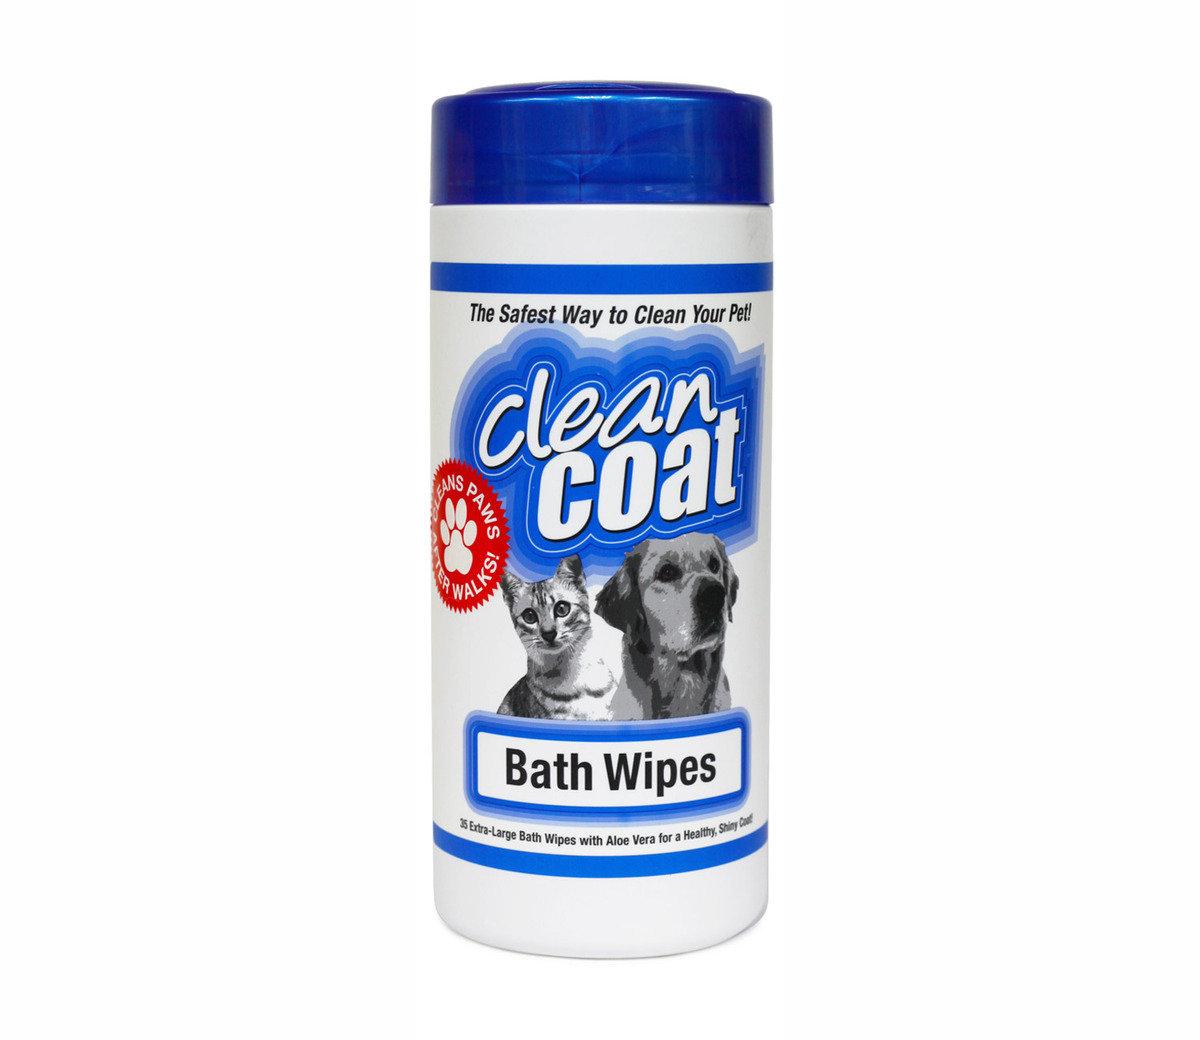 解尿素寵物沐浴巾(35張)